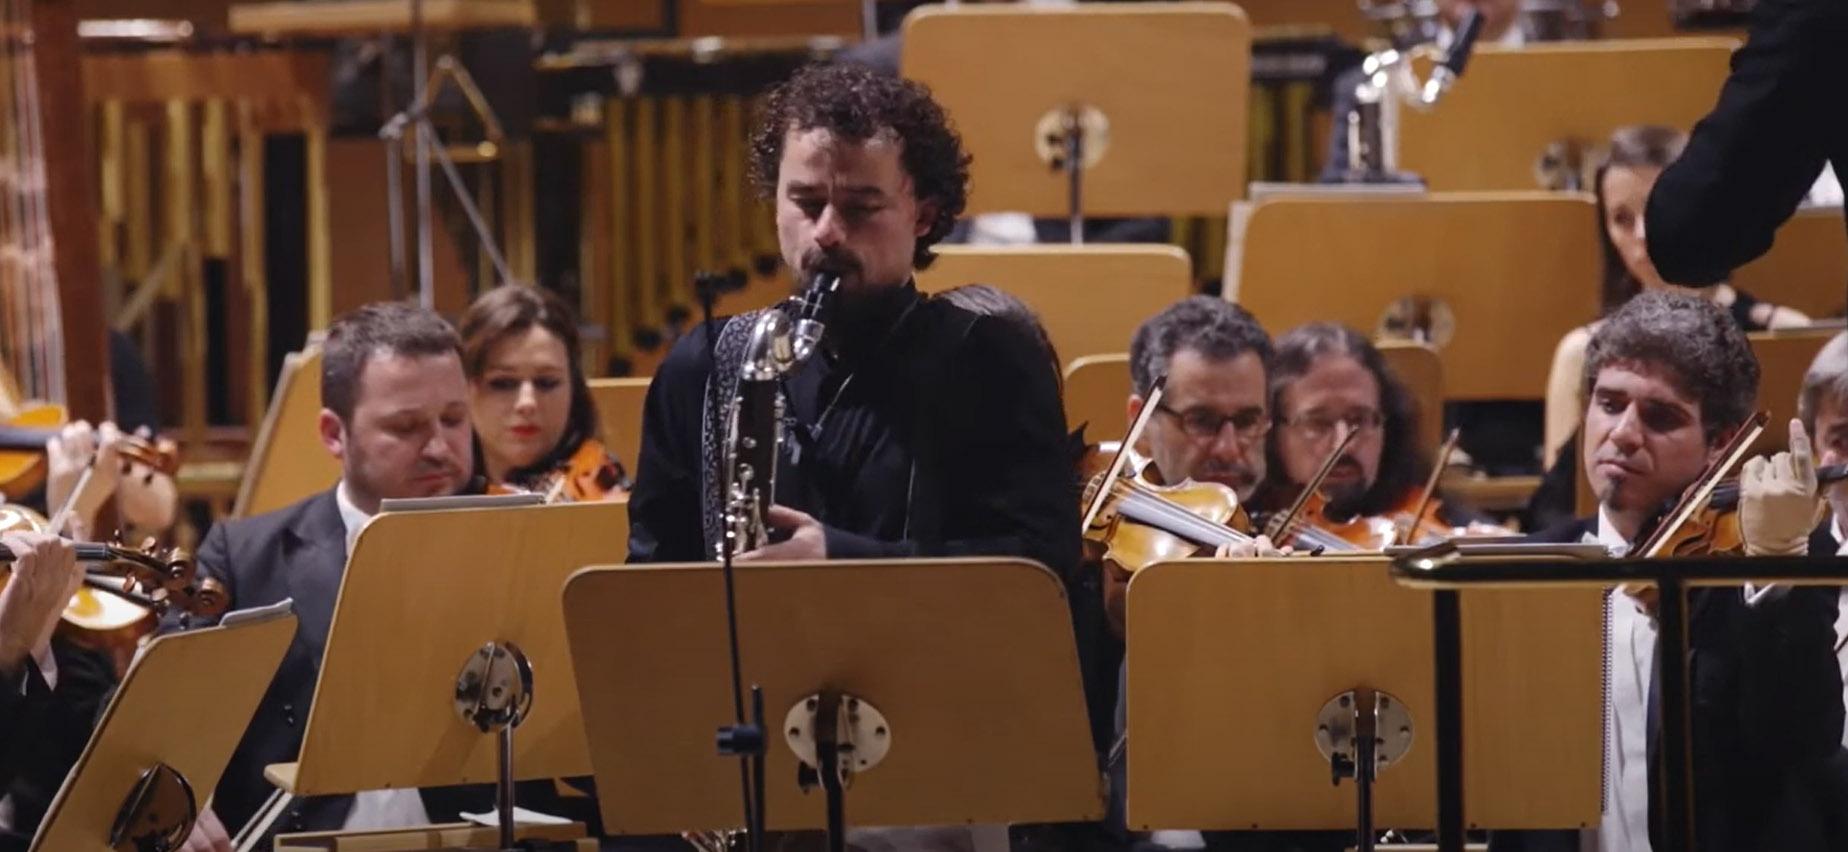 La OCNE publica en redes un concierto de Ramón Paús